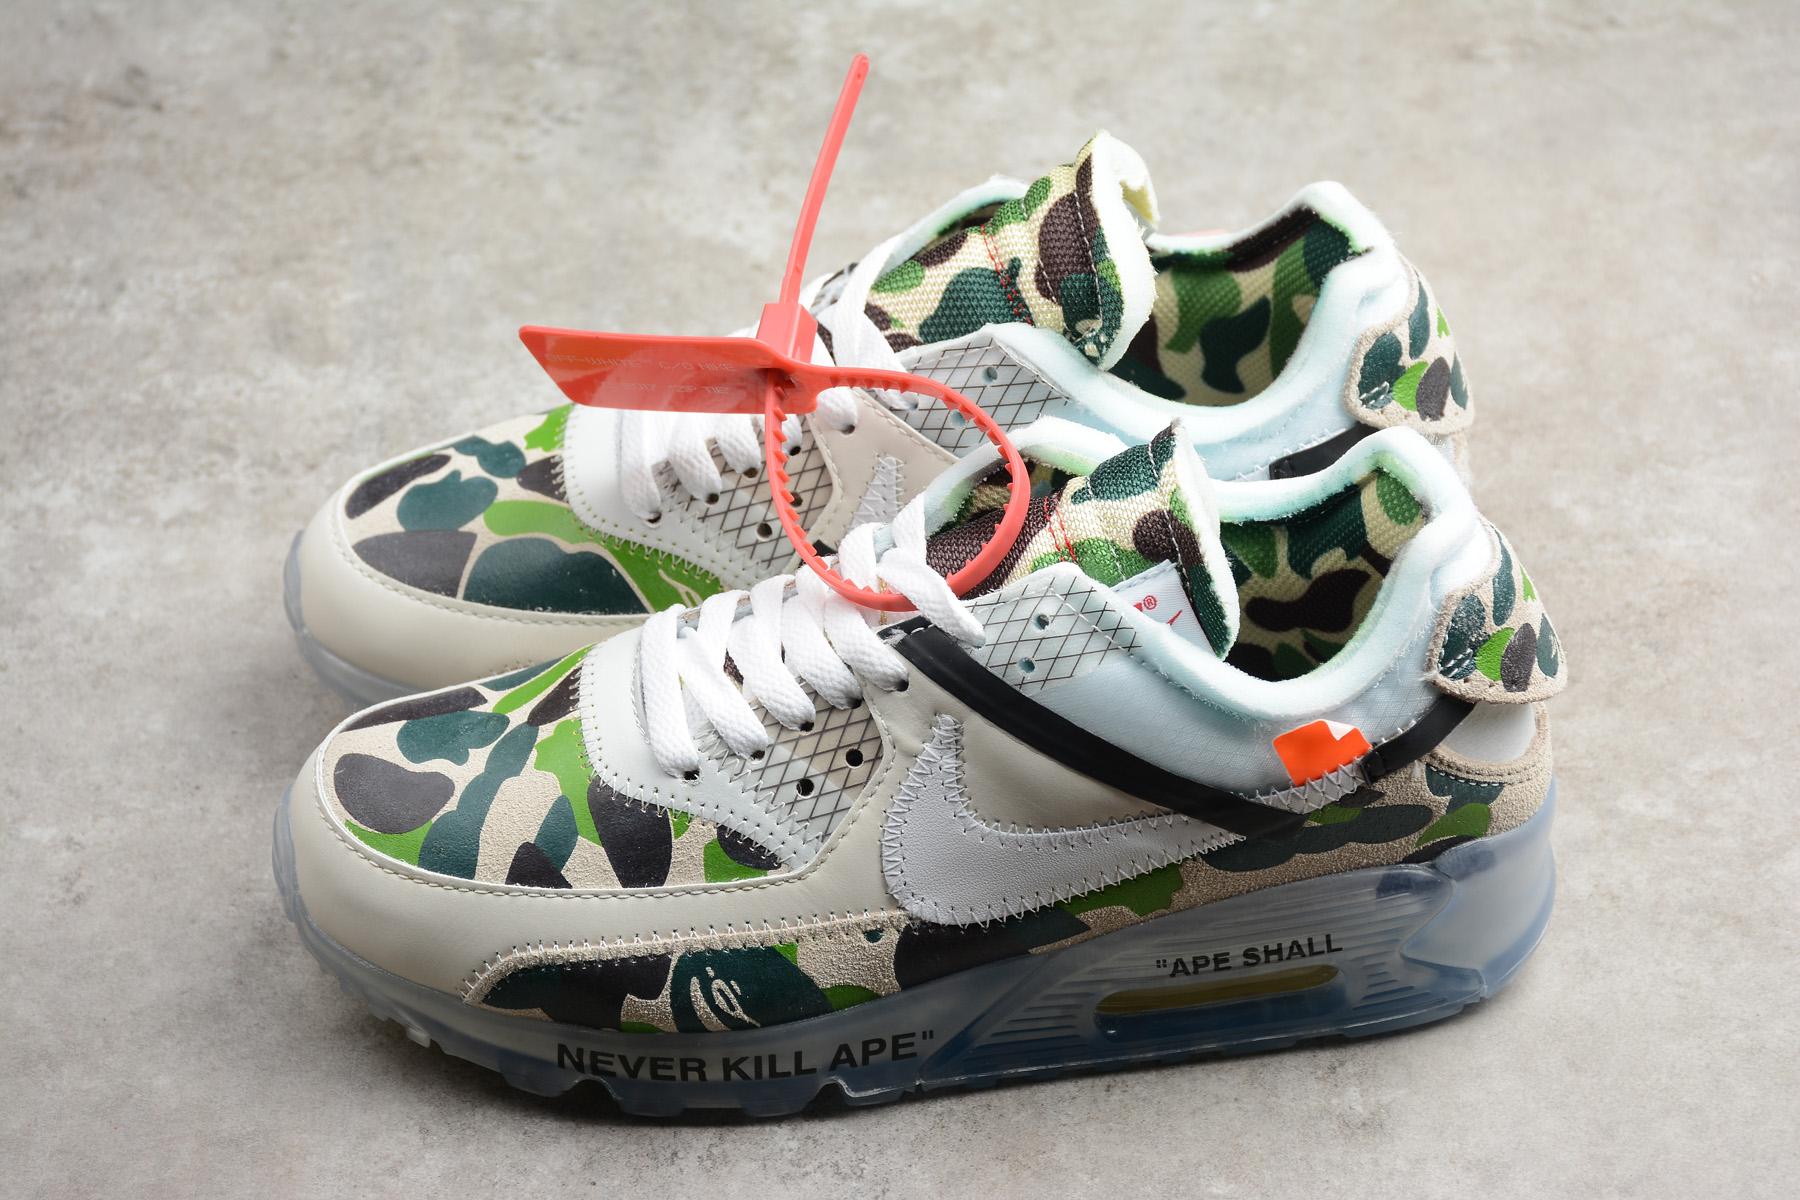 Off White x Nike Air Max 90